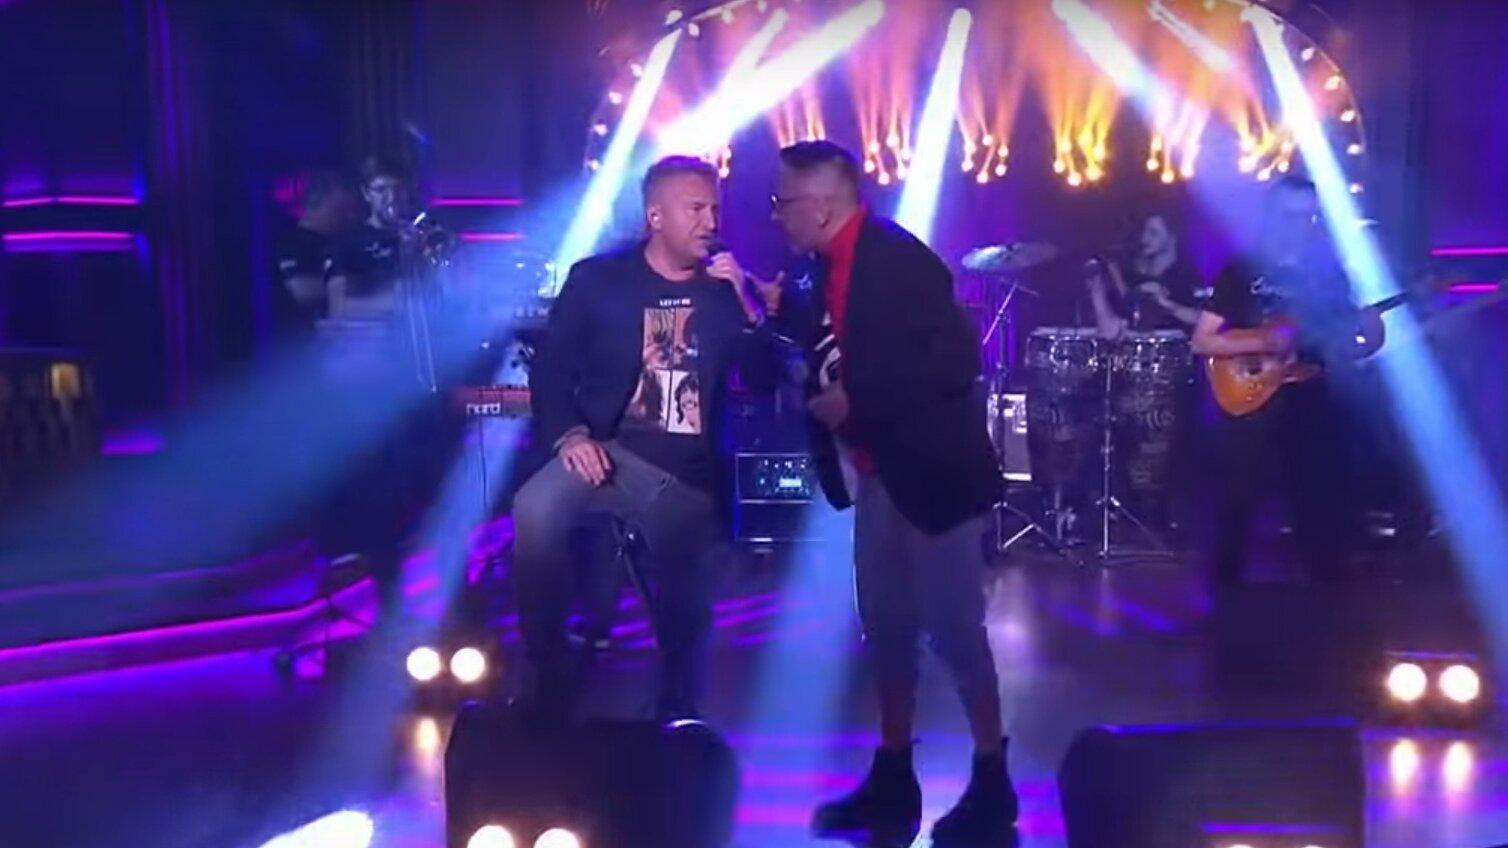 Сергей Шнуров представил совместную песню с Леонидом Агутиным (видео)